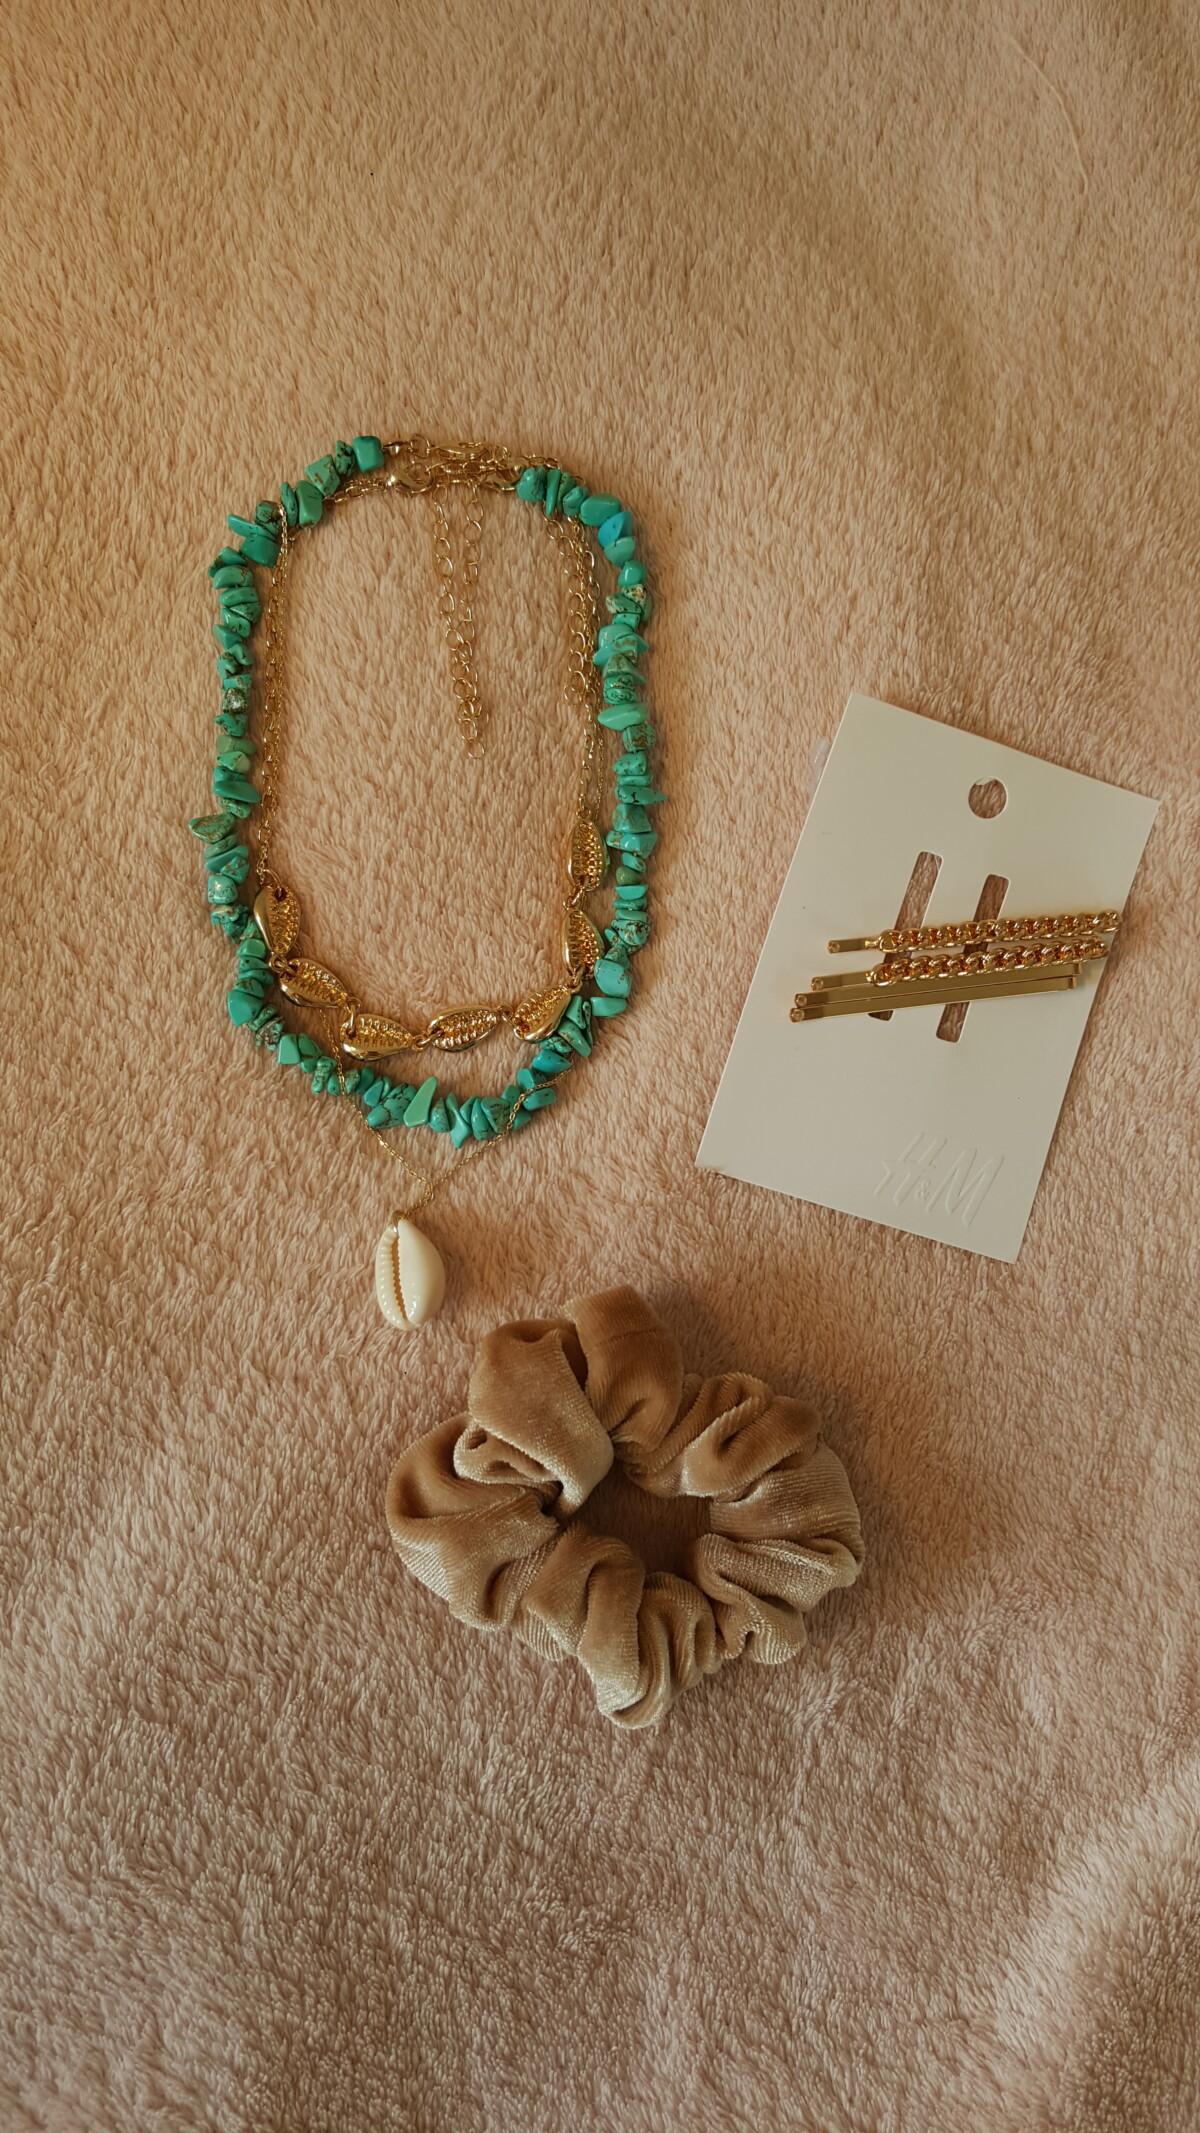 innkjøp-newin-rituals-coop-coopextra-clinique-nyx-bikbok-h&m-shopping-shop-smykker-krem-moisturesurge-øyebryn-newnew-nyinnkjøp-nyeinnkjøp-kosmetikk-sminke